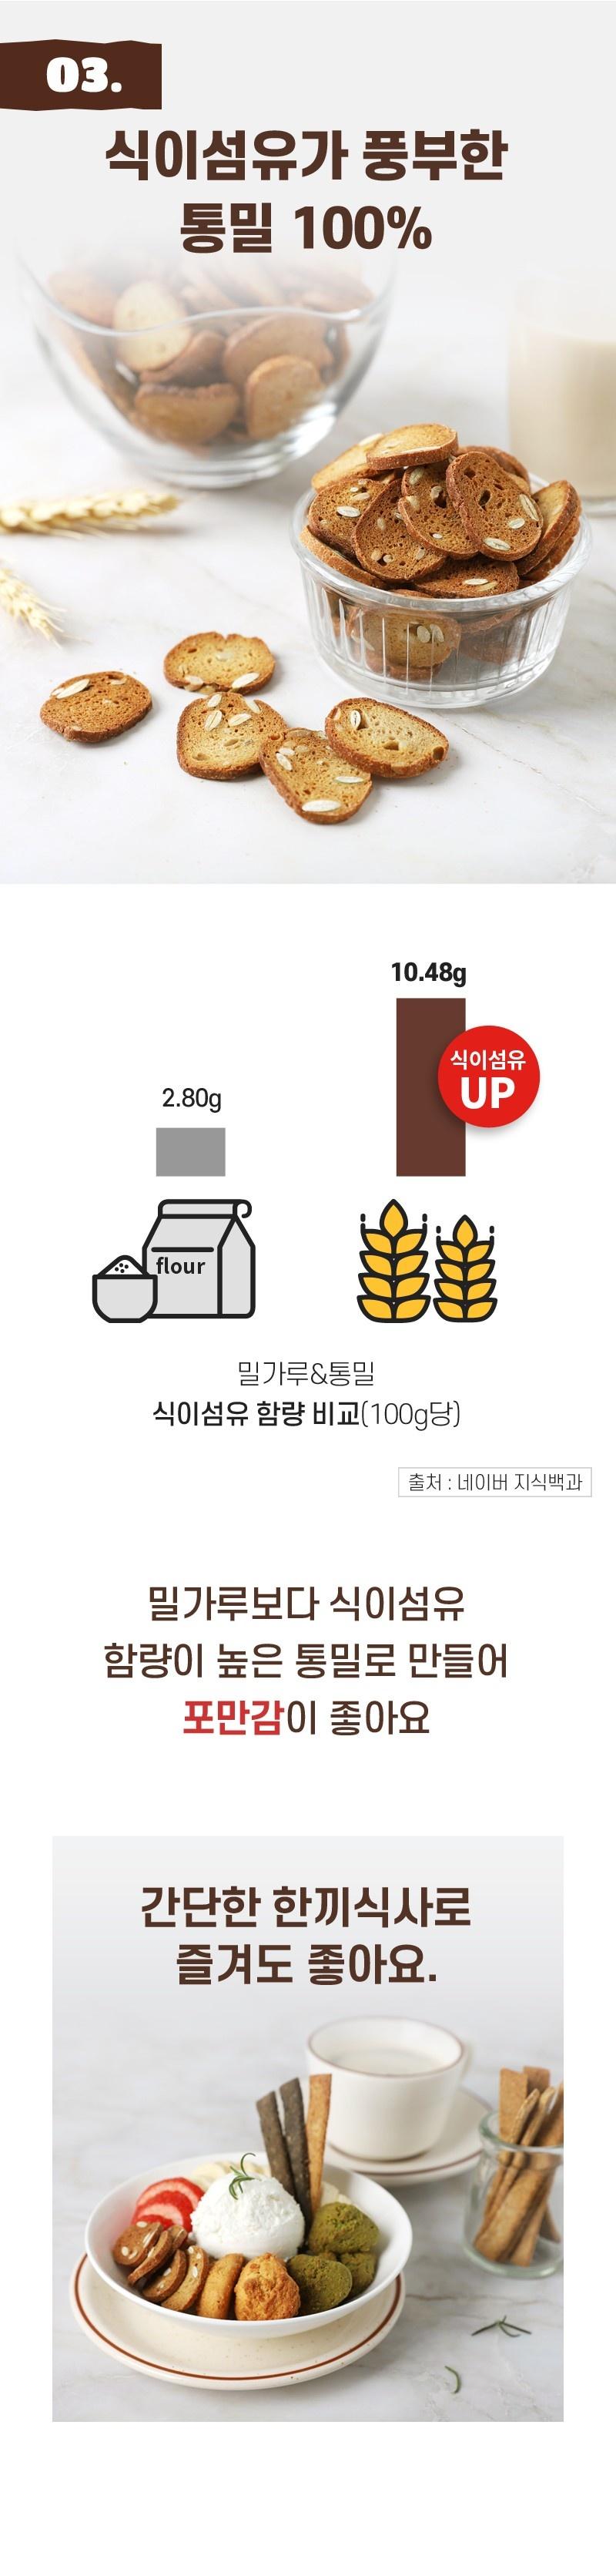 통밀당 단백칩 스틱 체험단 모집 (02.05~02.14)